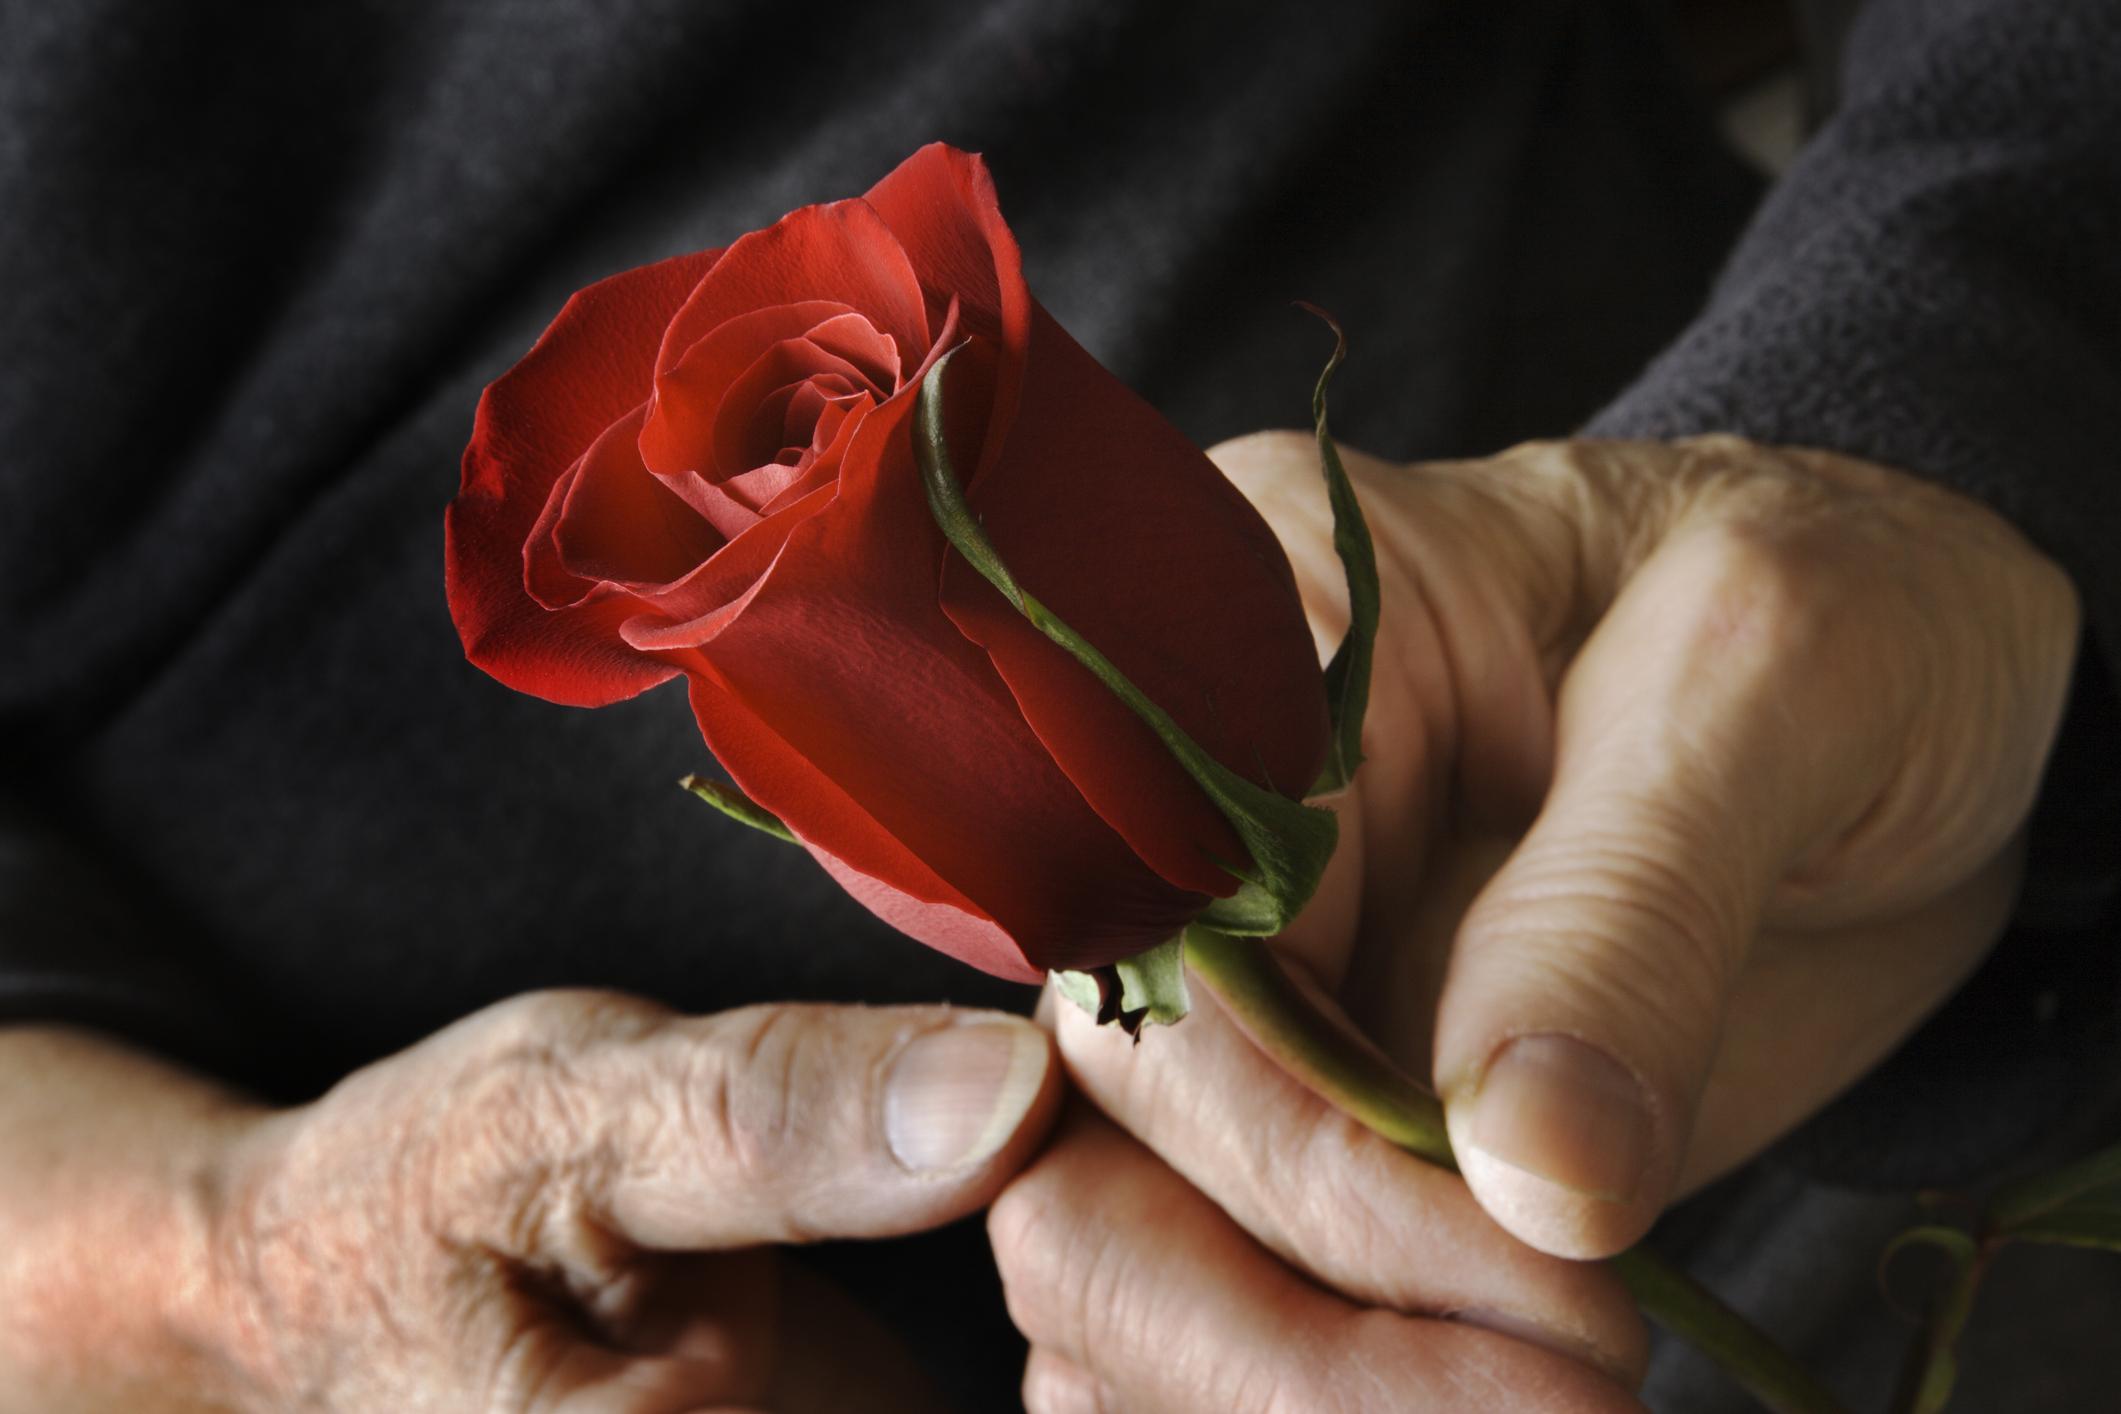 Préparer un enterrement choisir les fleurs - Odella.fr